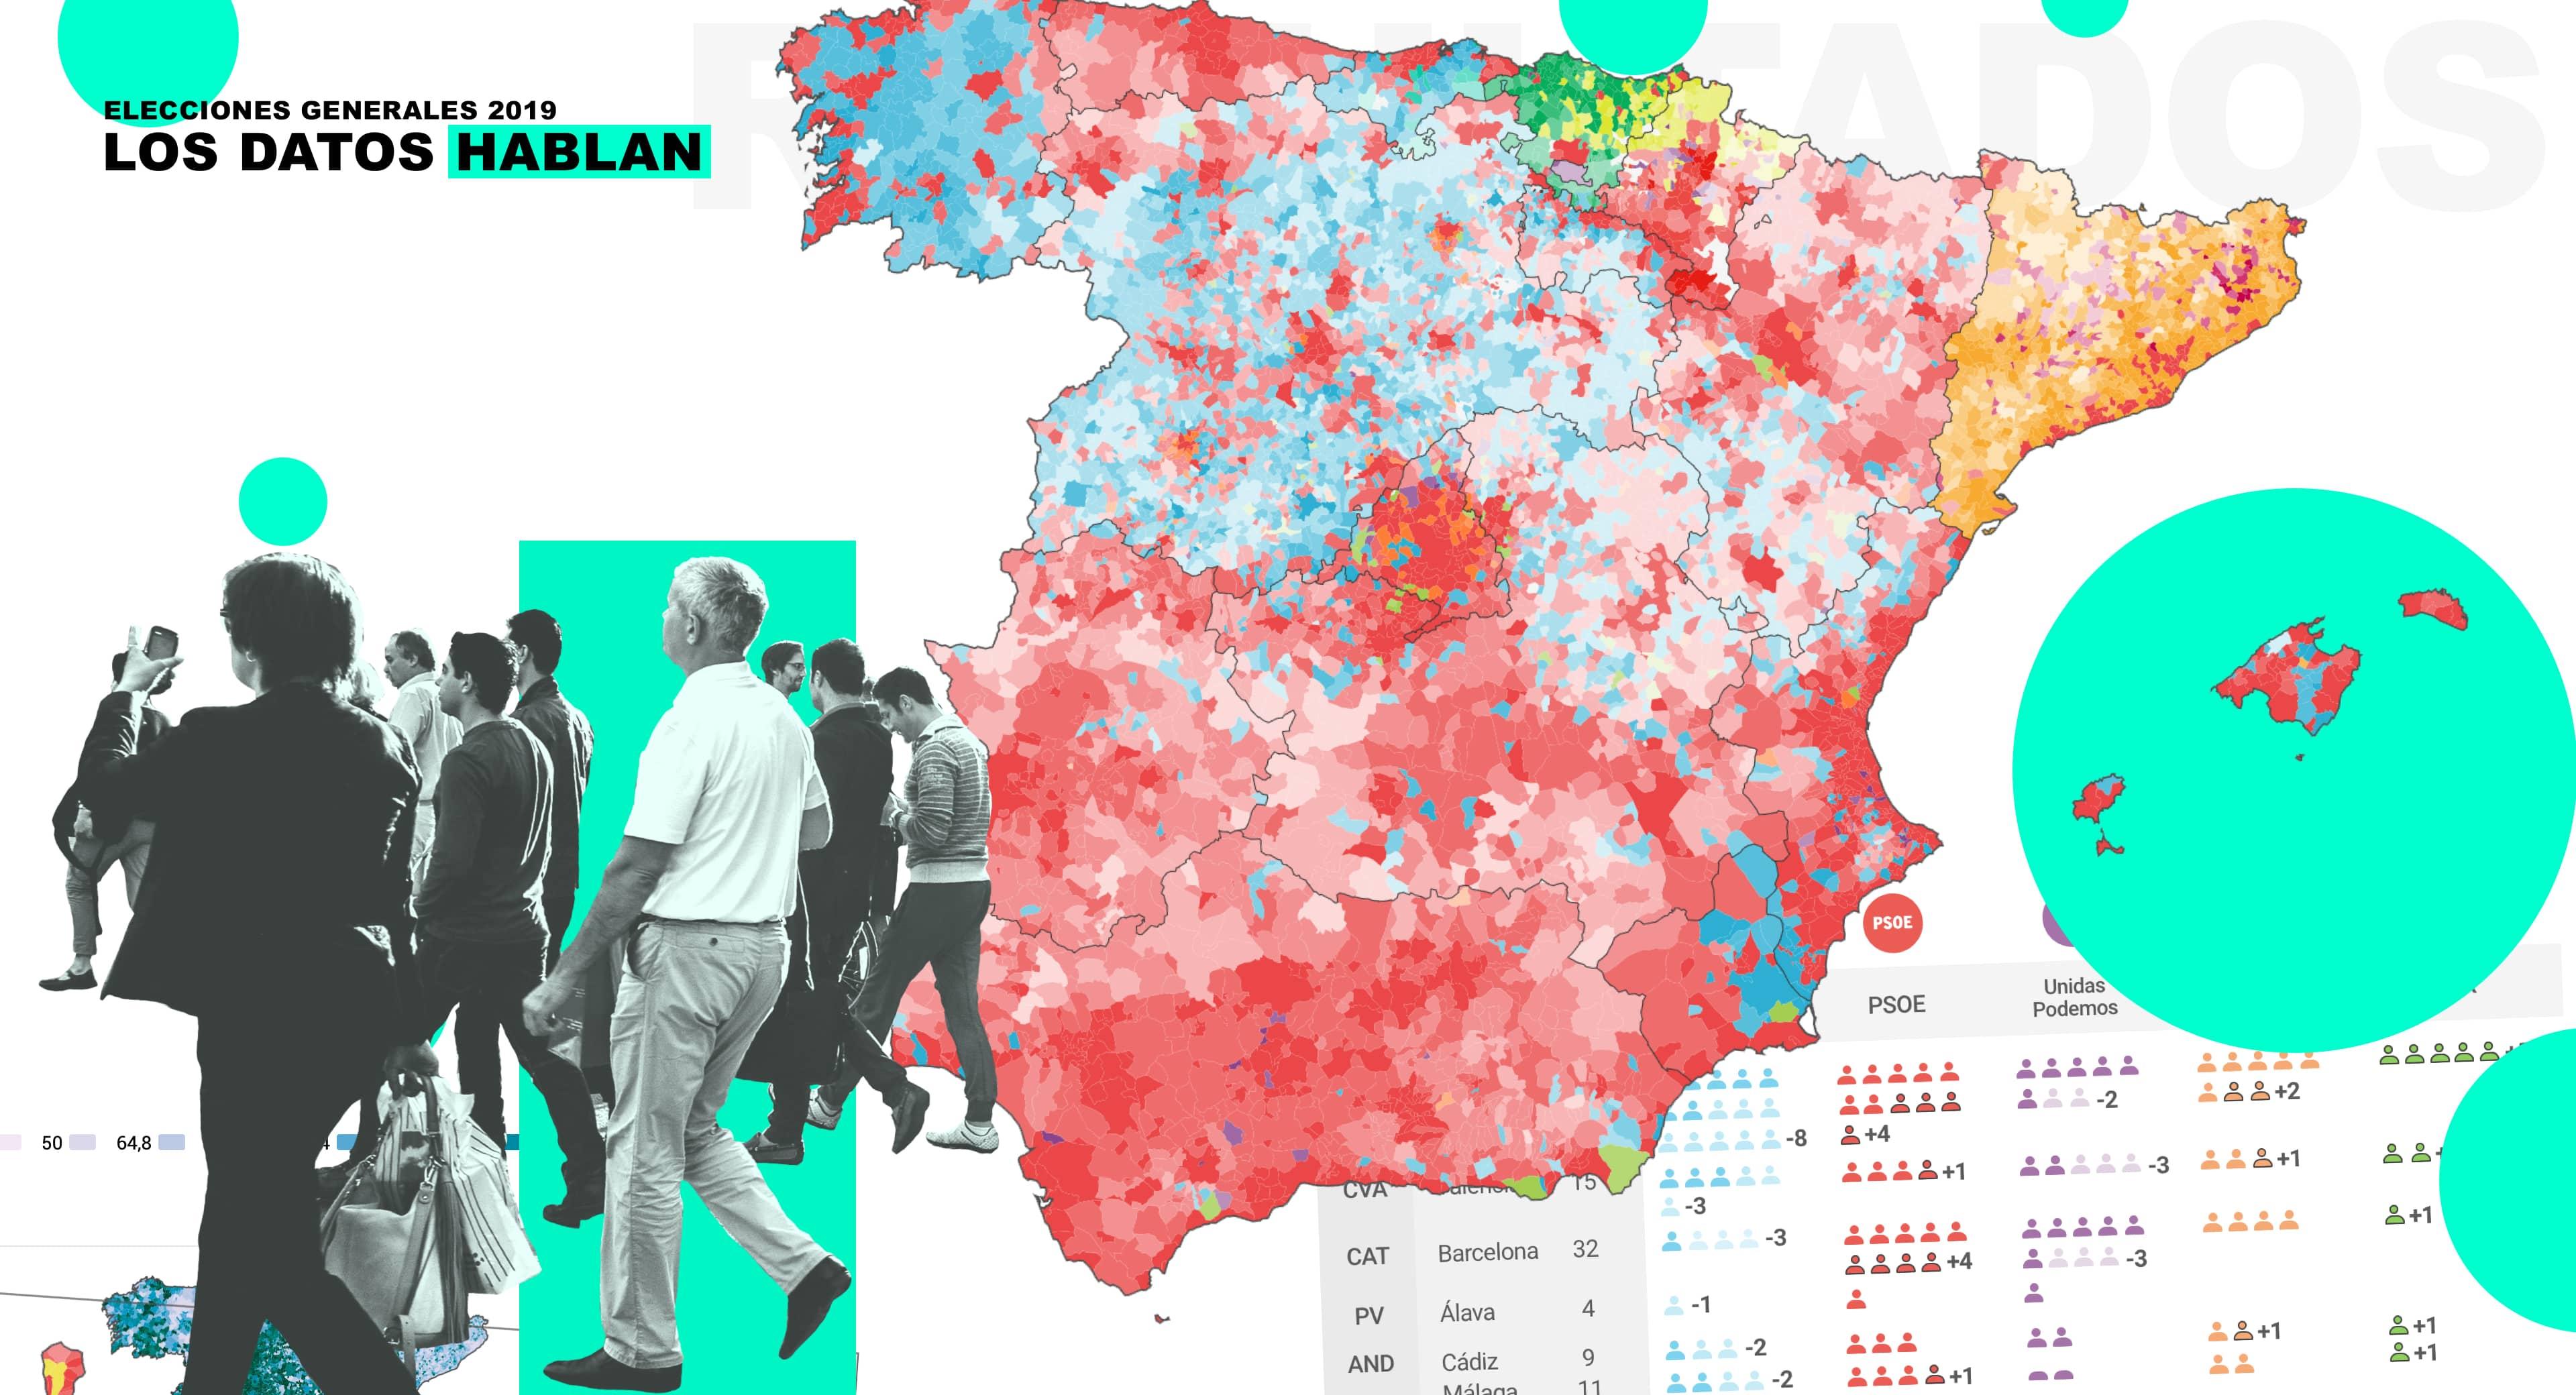 Analizamos los resultados electorales a través de mapas y gráficos interactivos